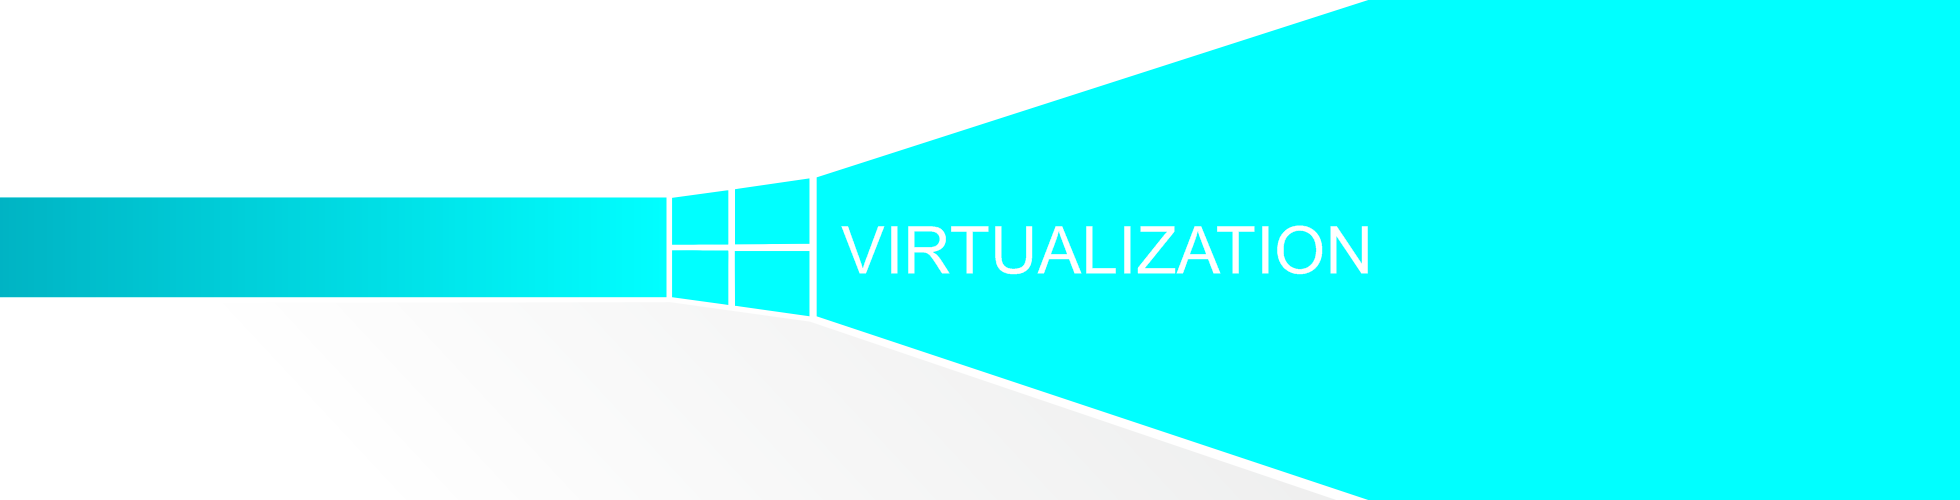 مجازی سازی دسکتاپ